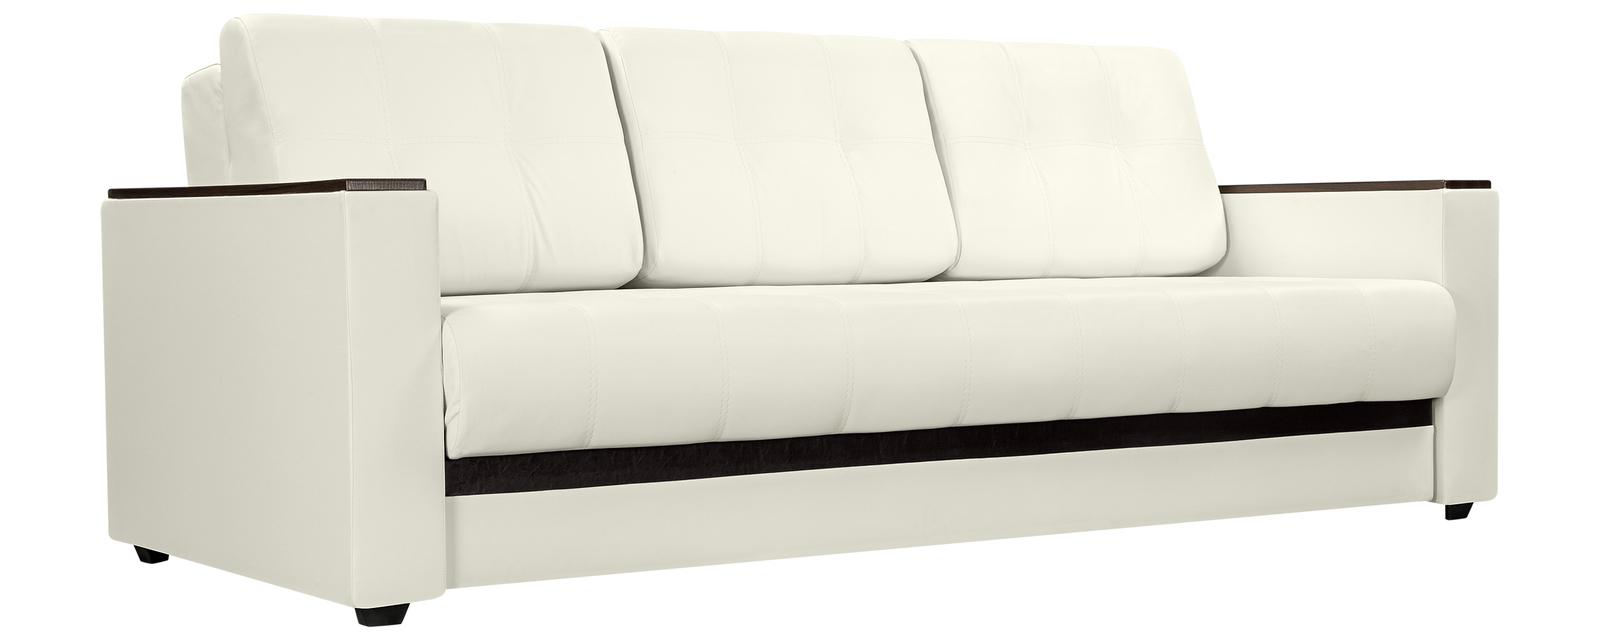 Диван тканевый прямой Атланта Luxe молочный вариант №1 (Экокожа)